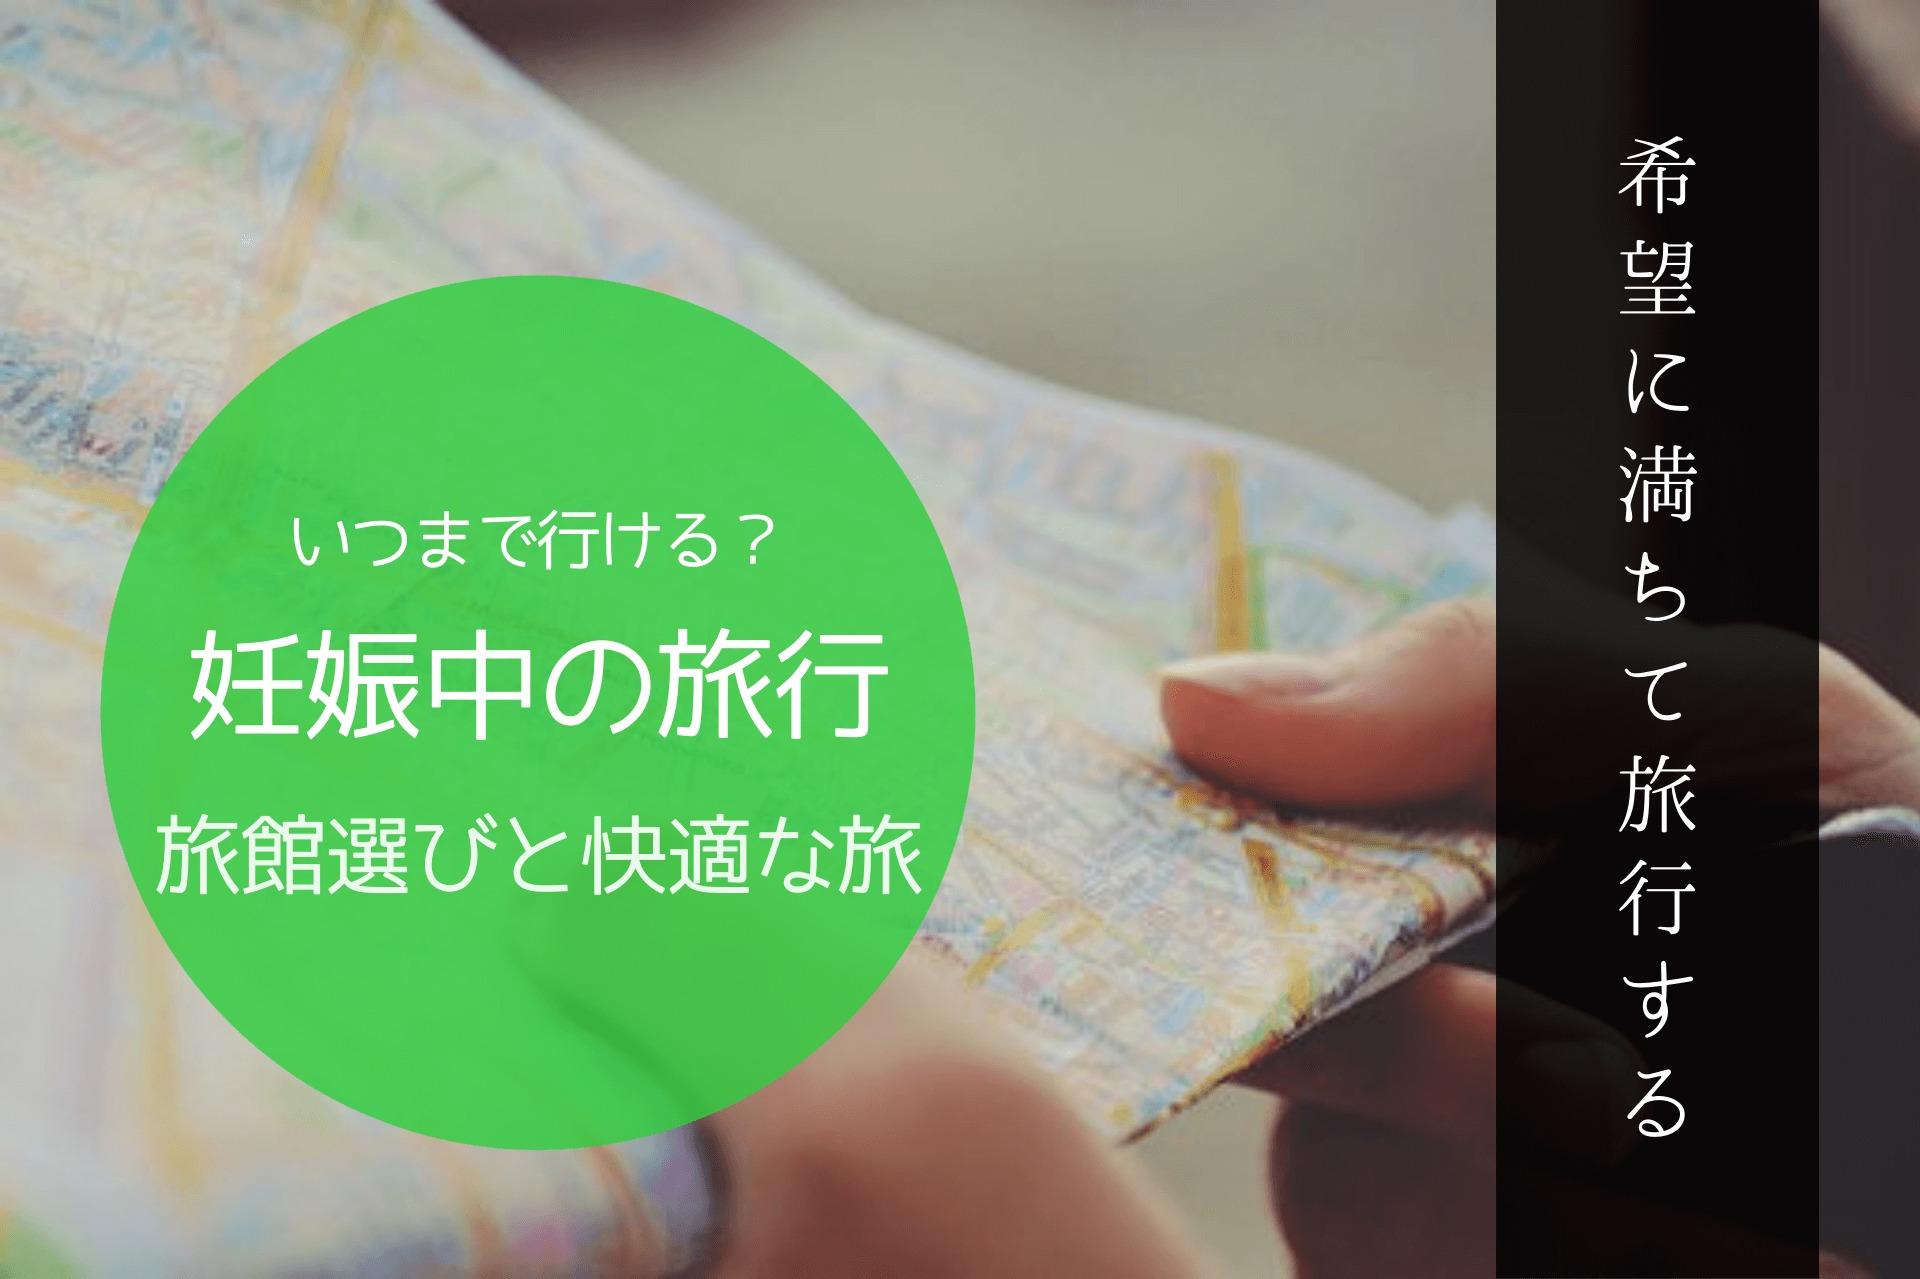 妊婦で旅行にいつまで行けるの?妊娠中の旅館選びと快適な旅の工夫